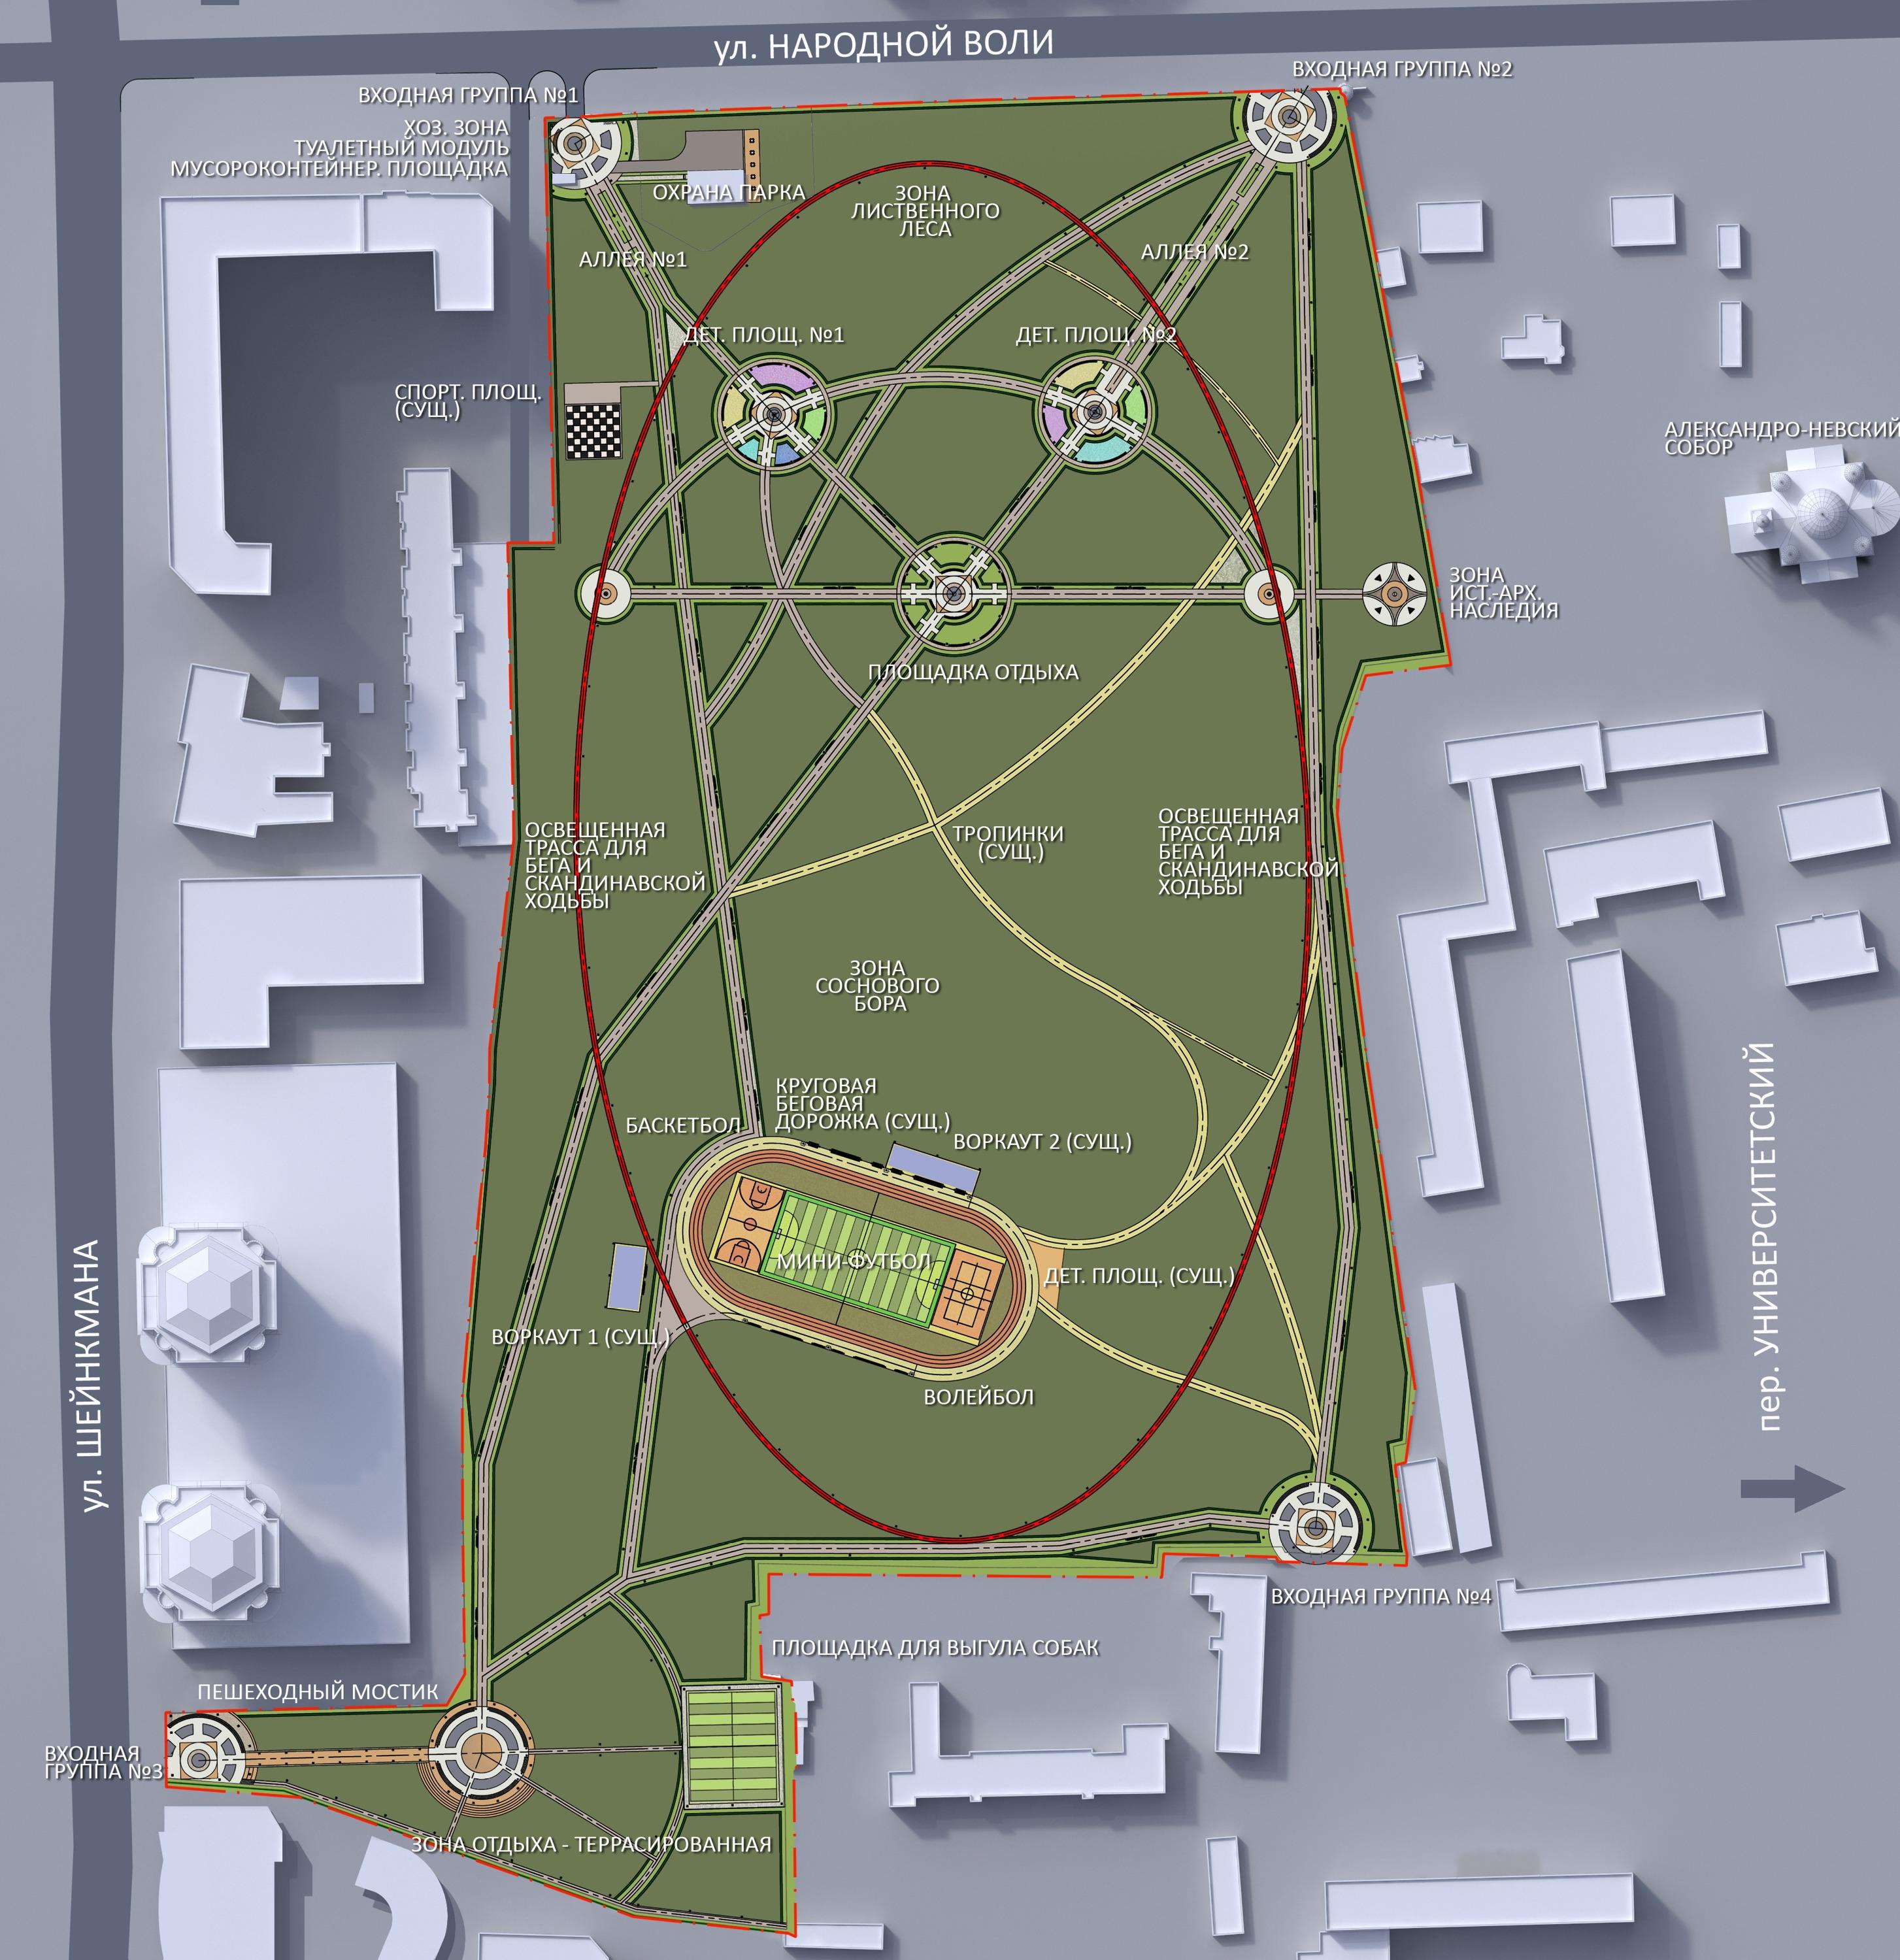 Концепция парка —на карте видно, какие объекты уже существуют, а какие только в проекте. Стадион в парке есть, но его придётся восстановить